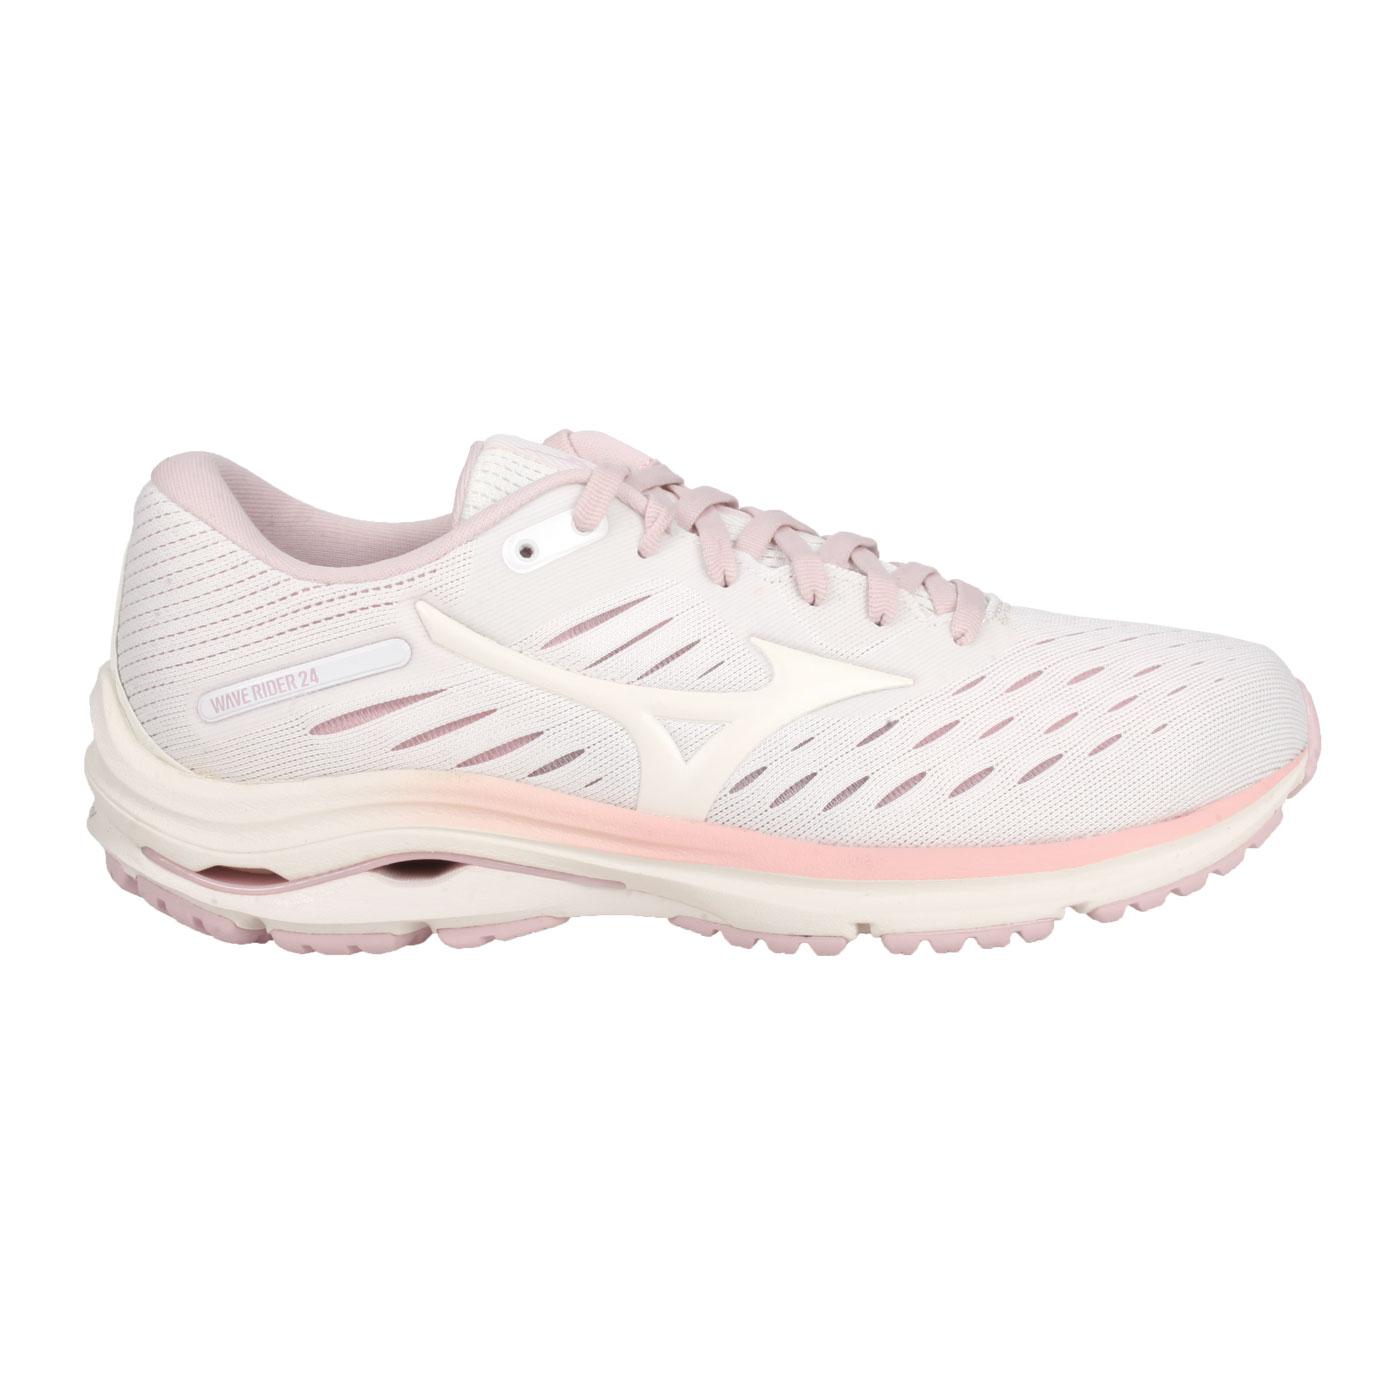 MIZUNO 女款慢跑鞋-WIDE  @WAVE RIDER 24 WIDE@J1GD200613